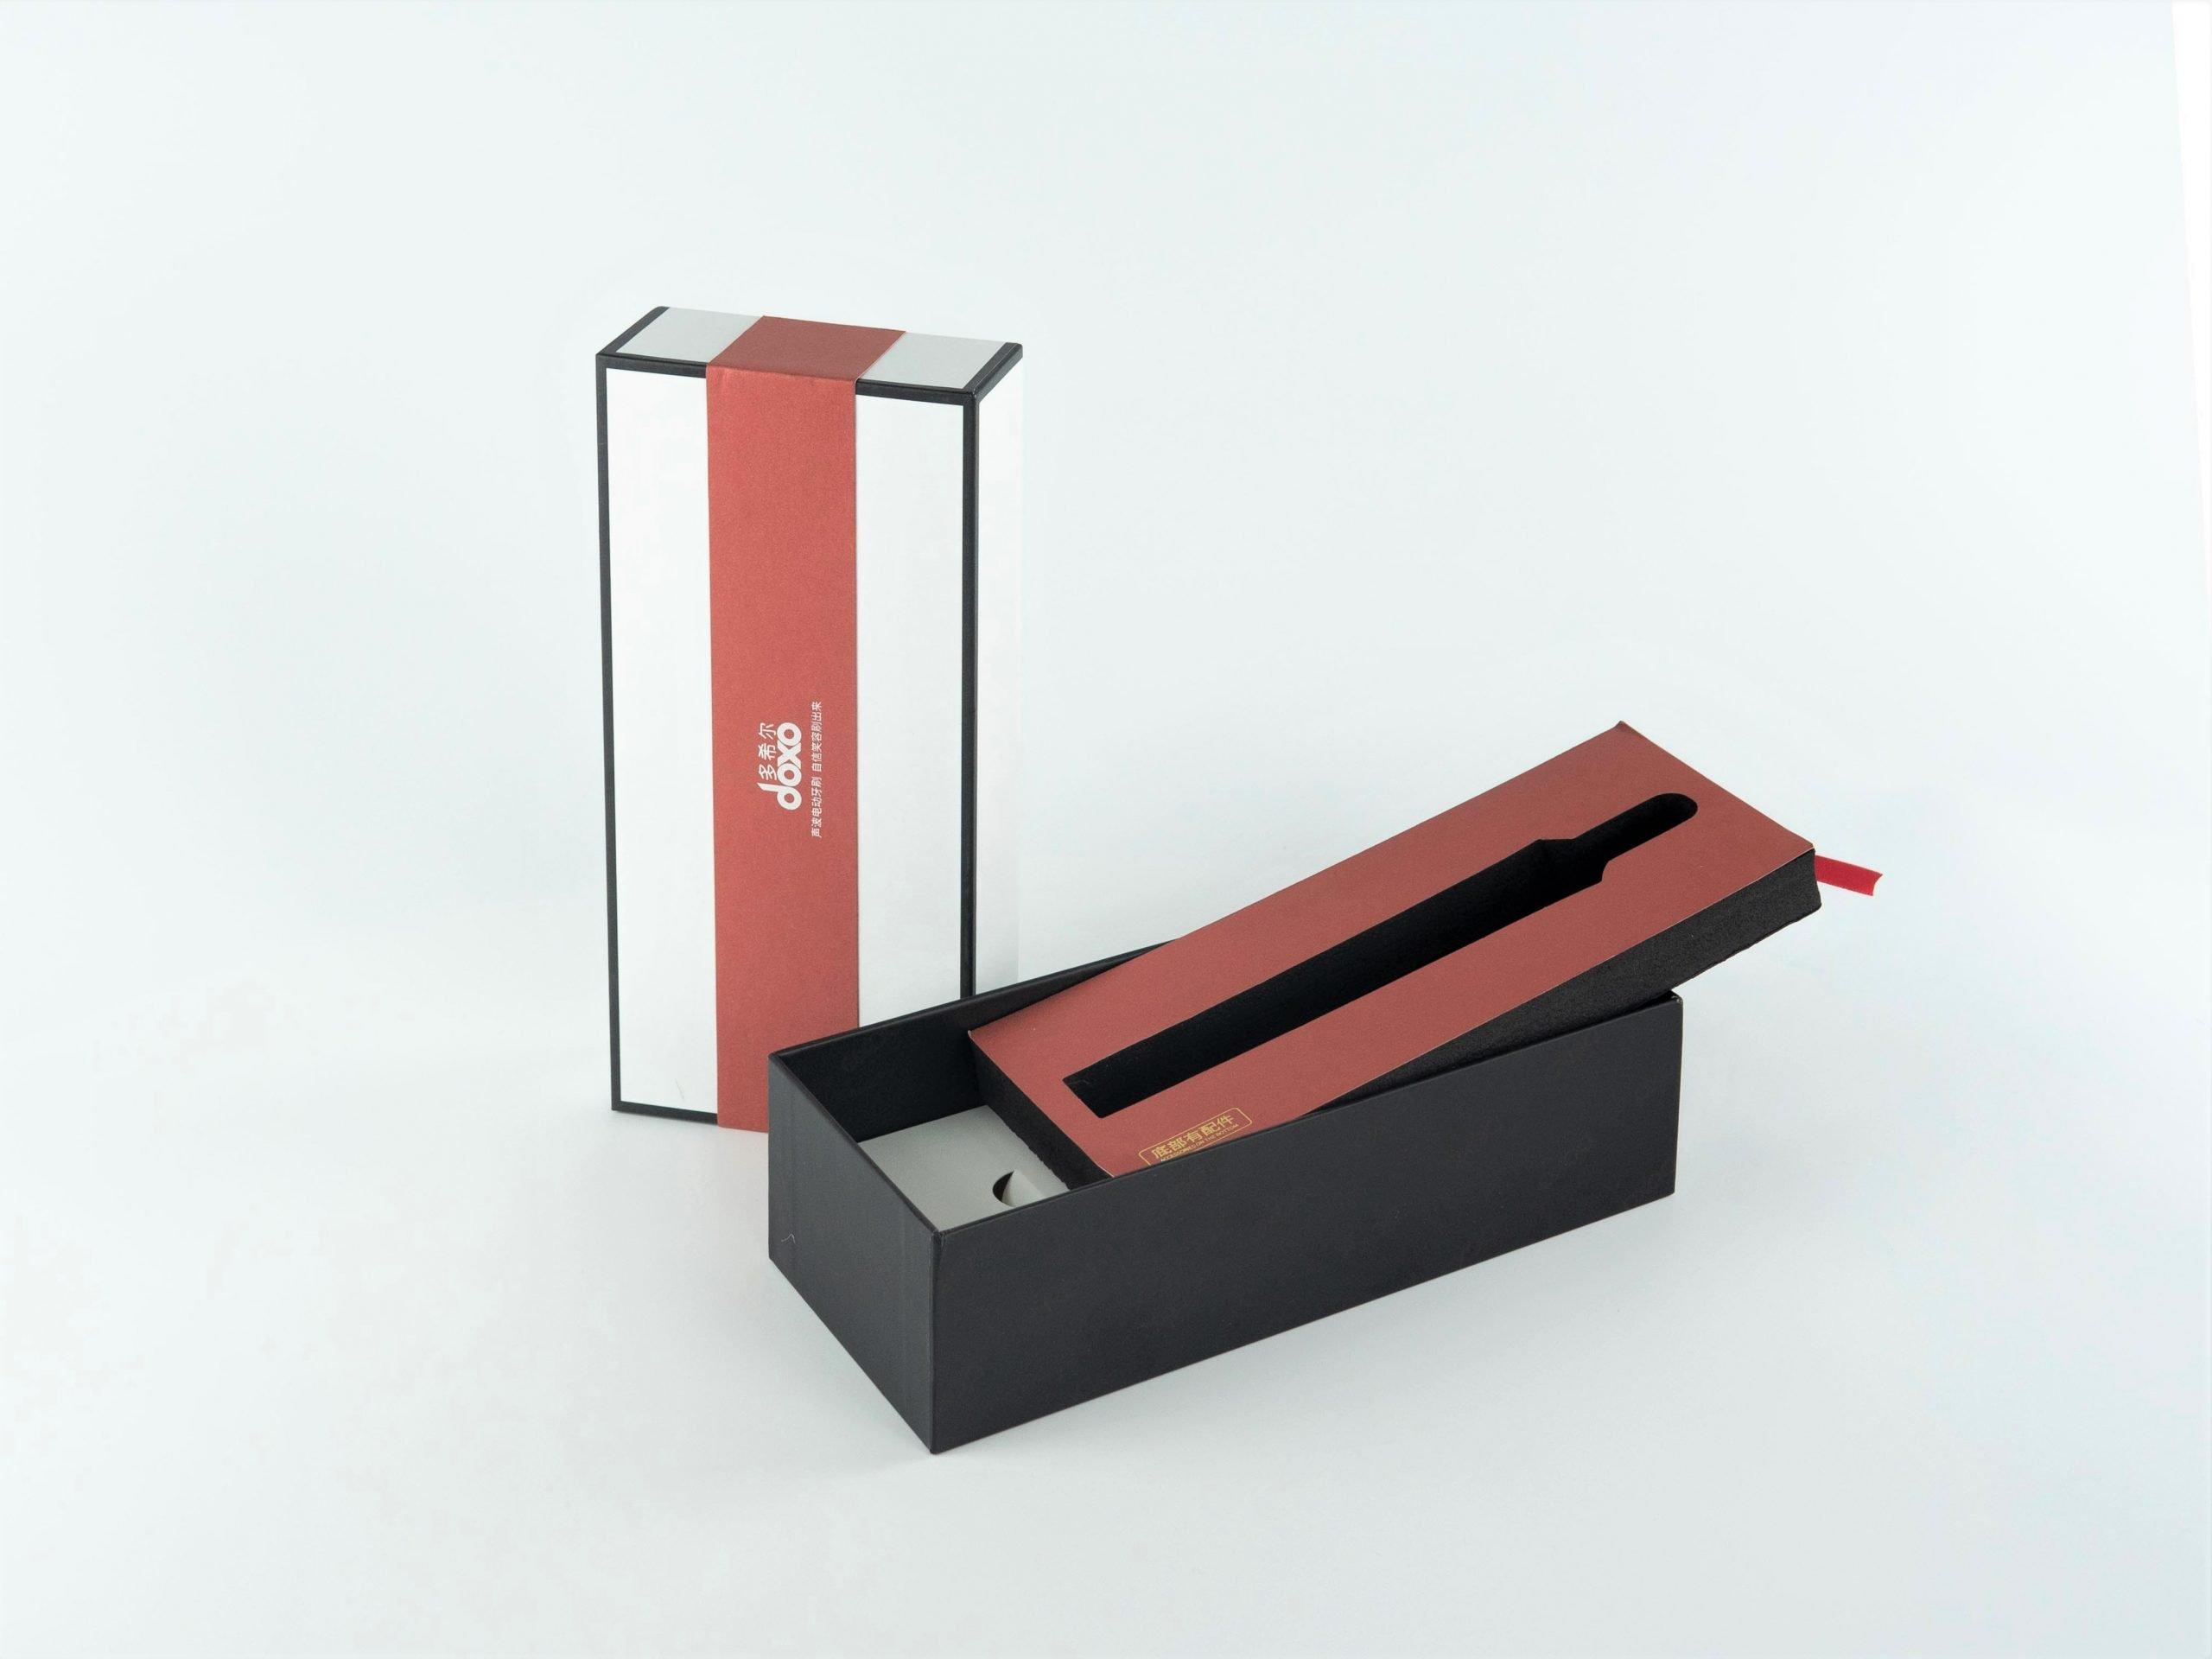 China Rigid Box Company